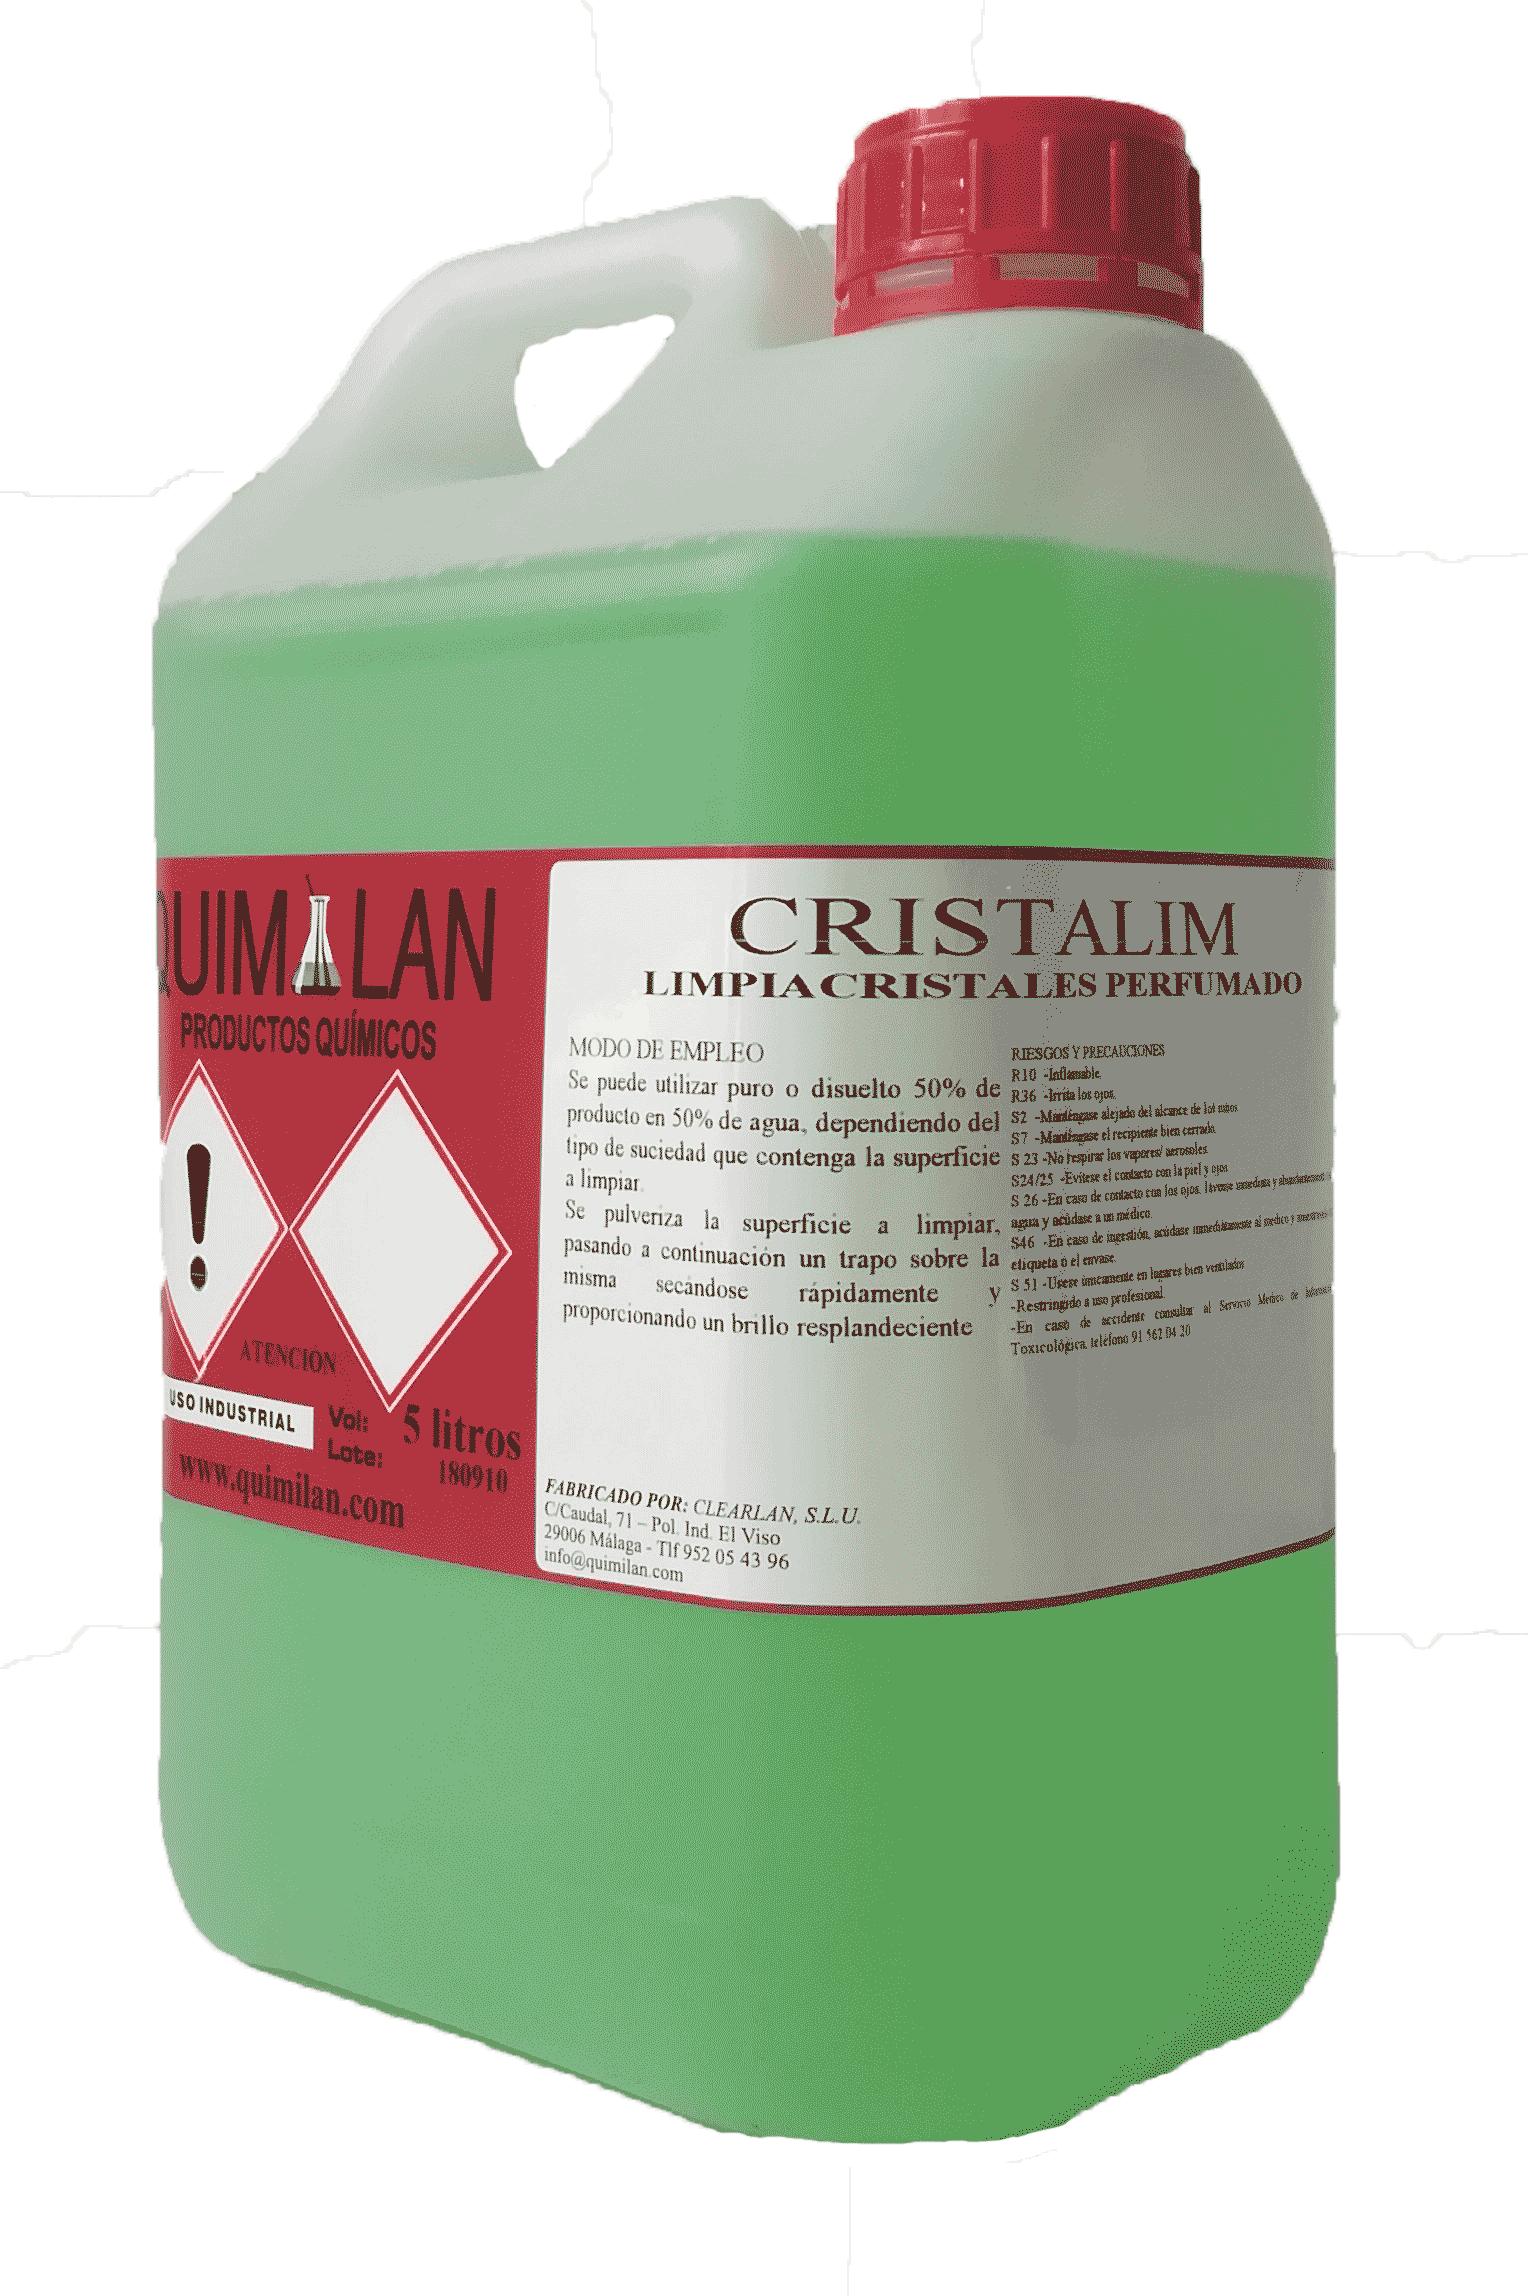 Cristalim Productos Quimicos industriales Quimilan en Malaga